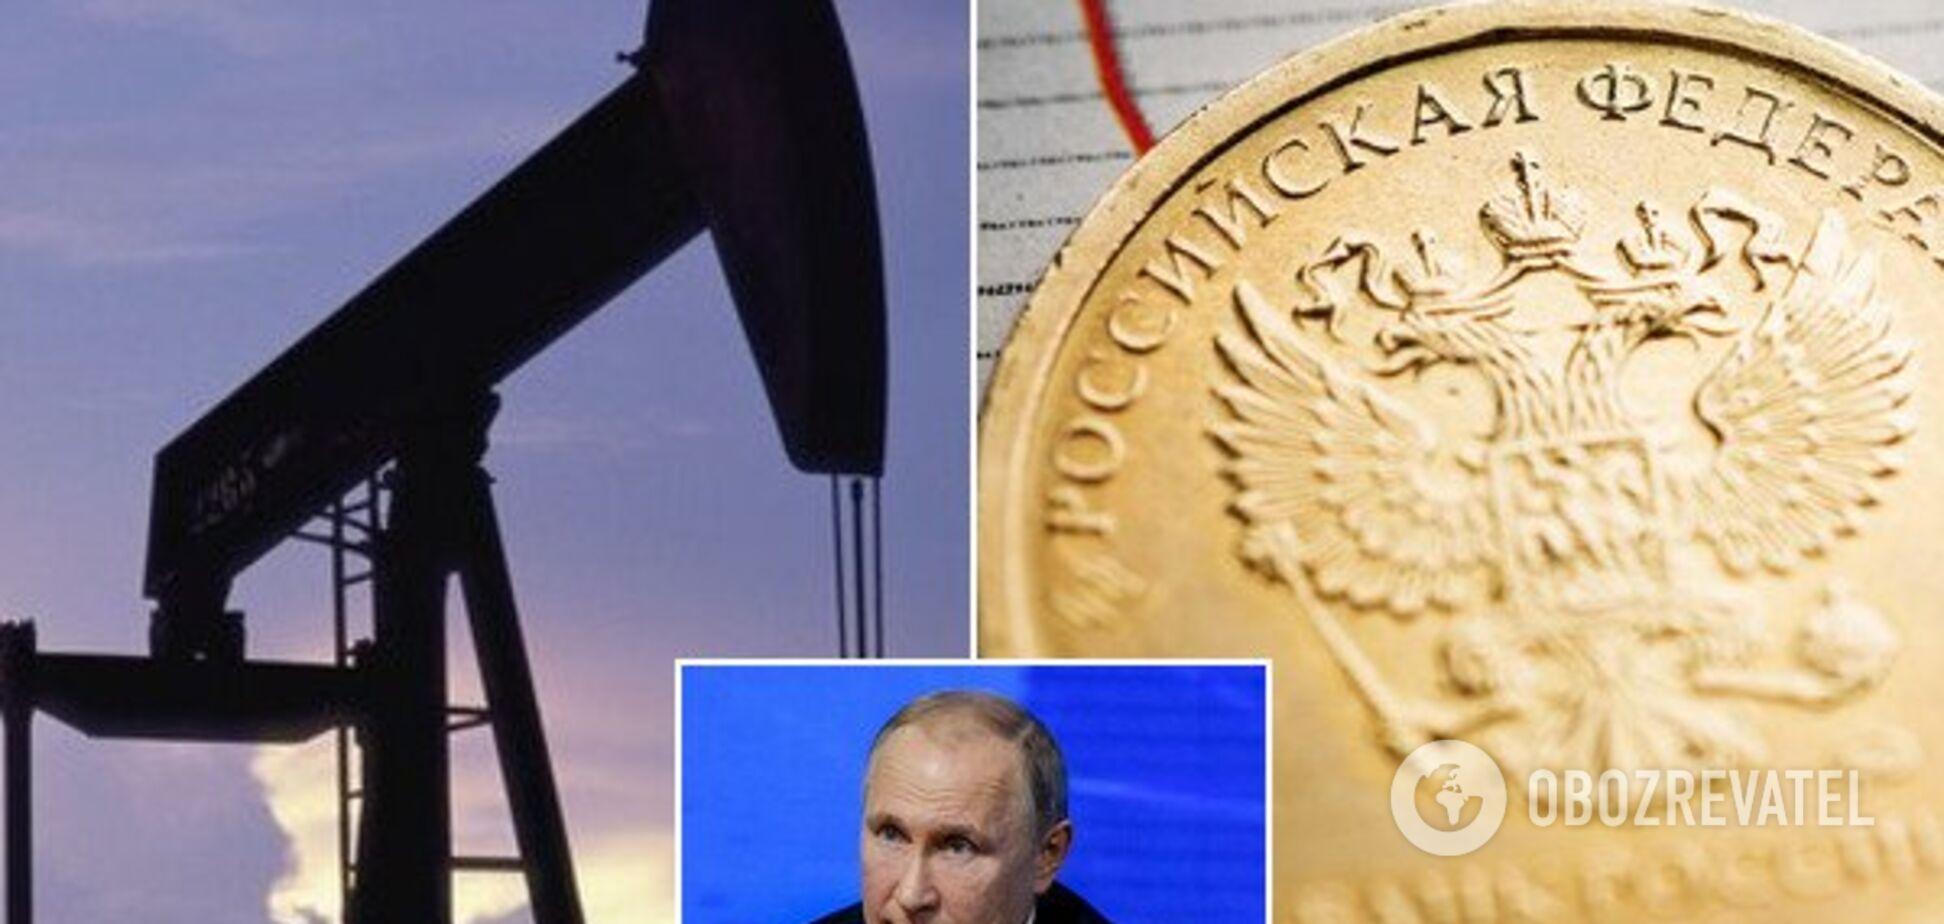 'Дуже негативний сигнал': у Росії забили на сполох через майбутню кризу з нафтою